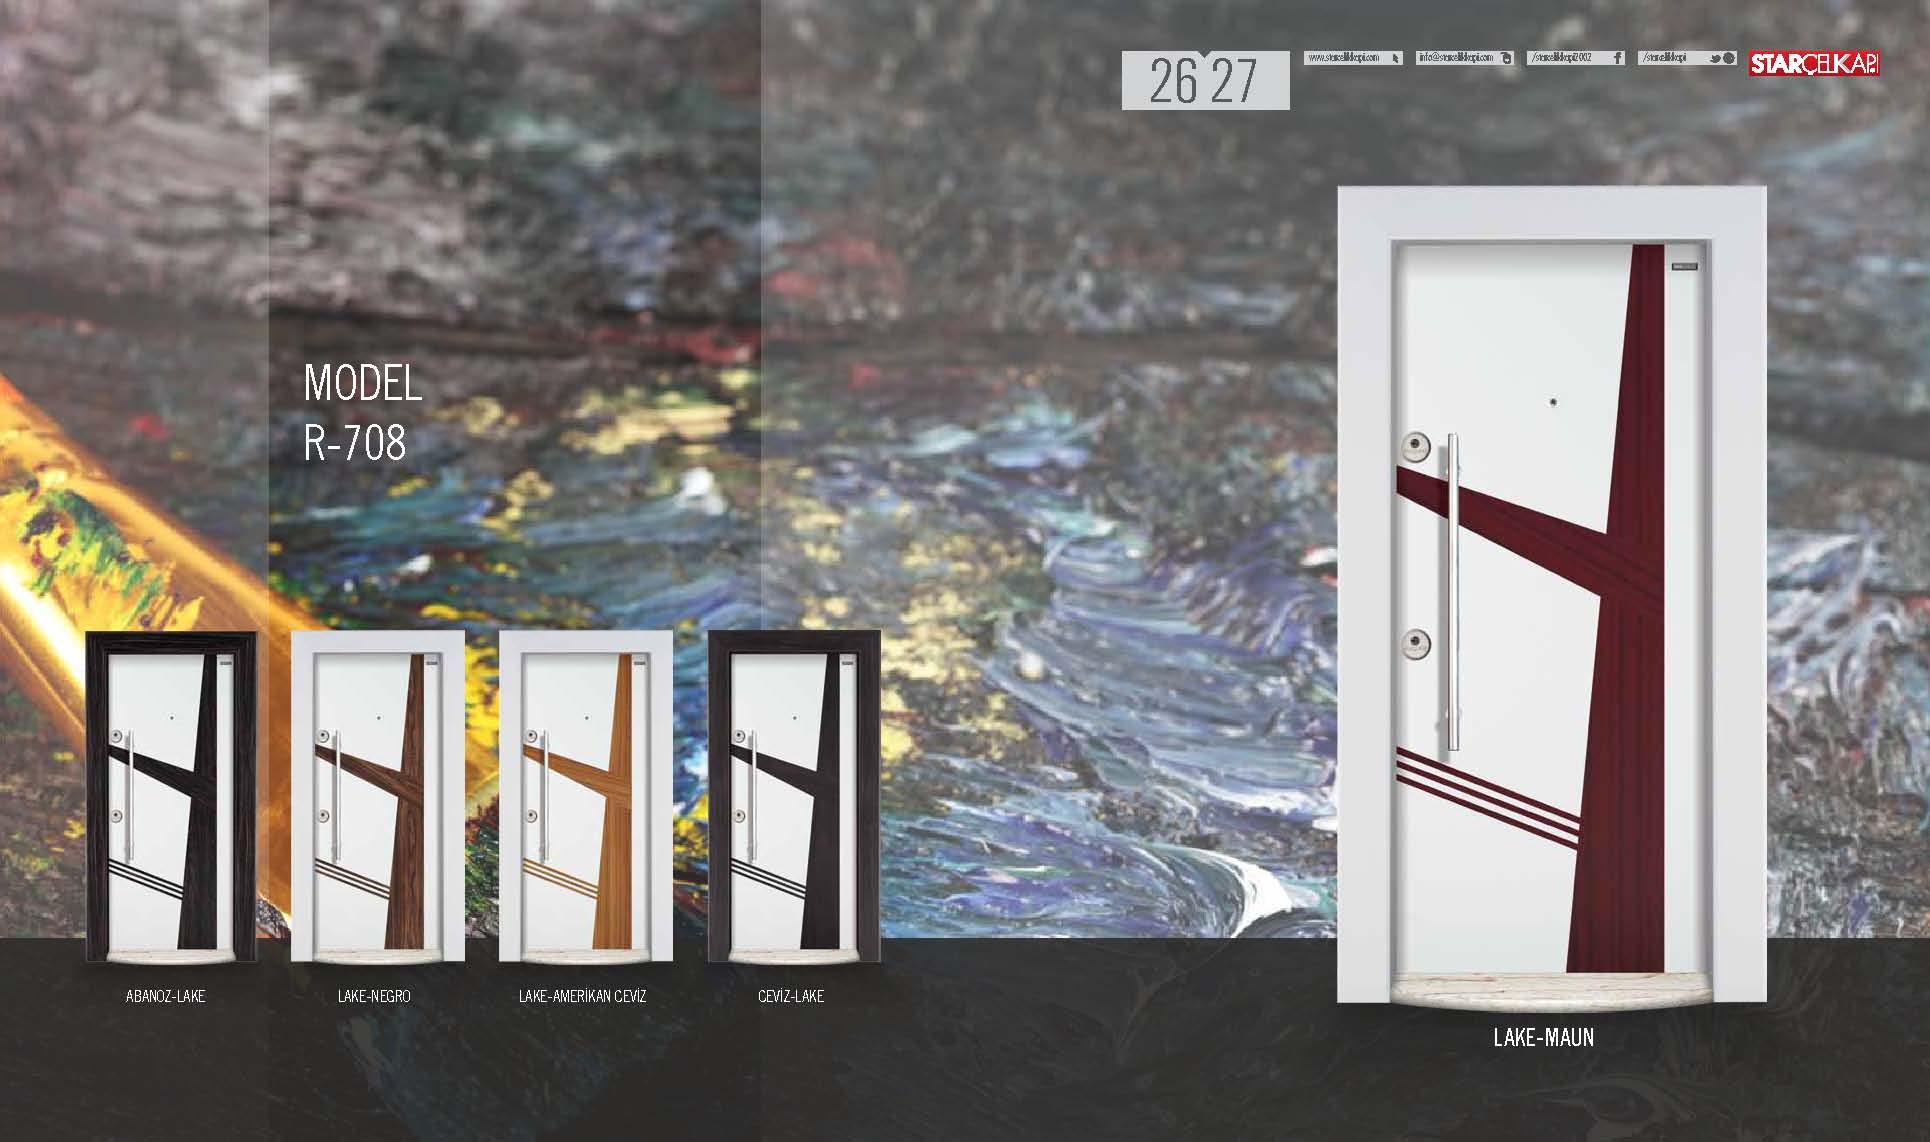 vhodni-vrati-starcelik_page_14